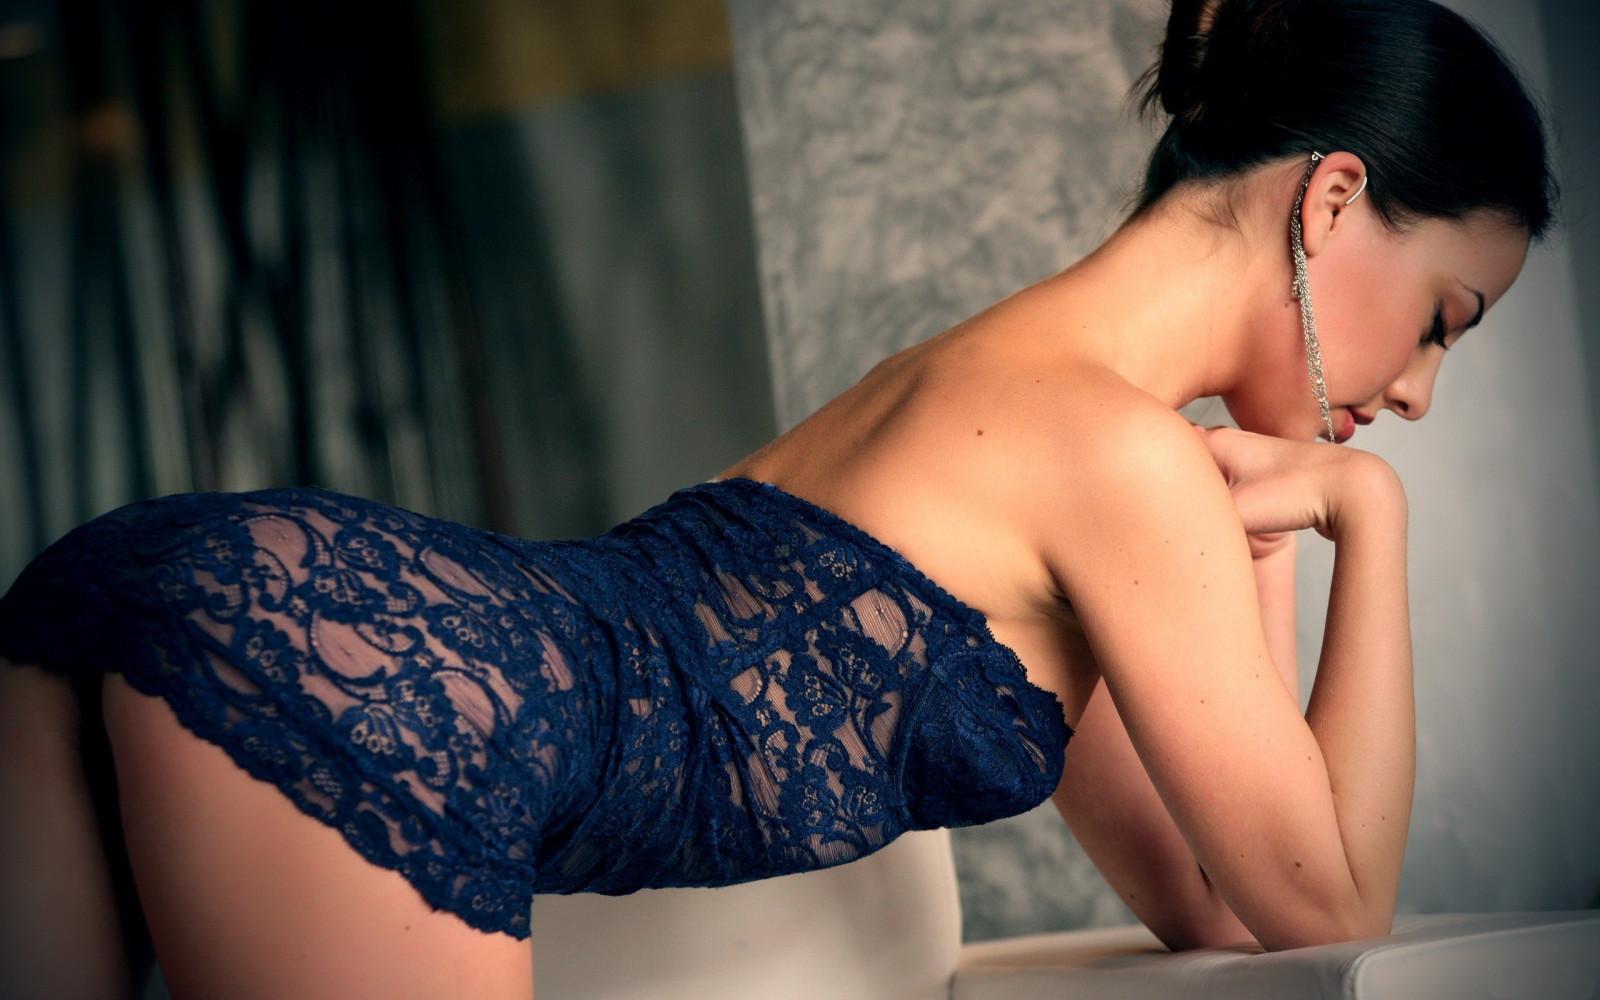 Hot ass sexy art models nu — img 11